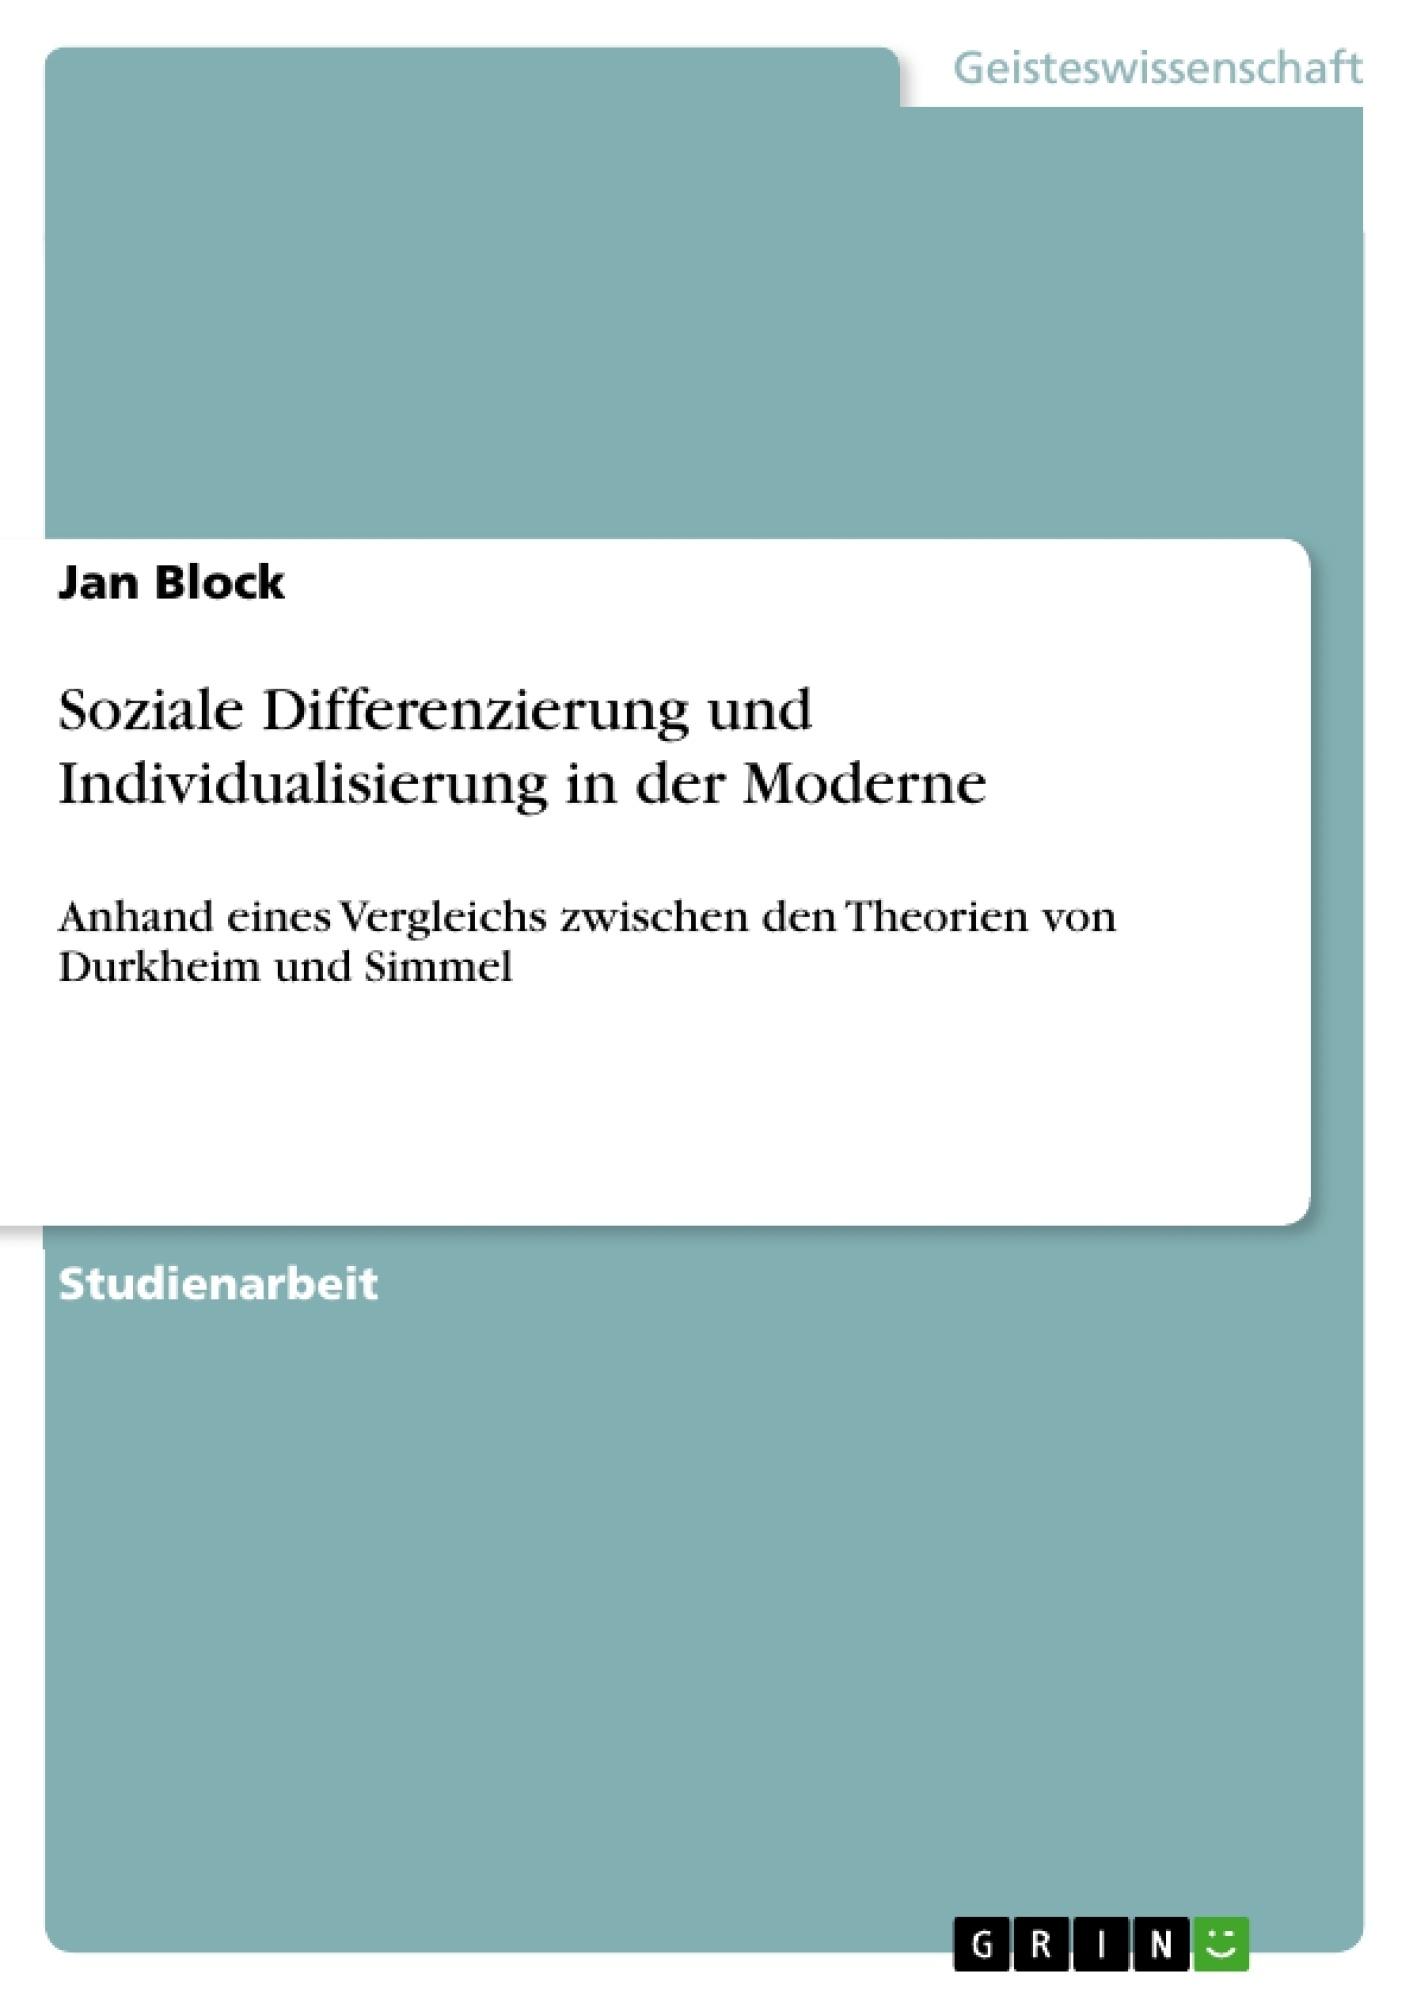 Titel: Soziale Differenzierung und Individualisierung in der Moderne